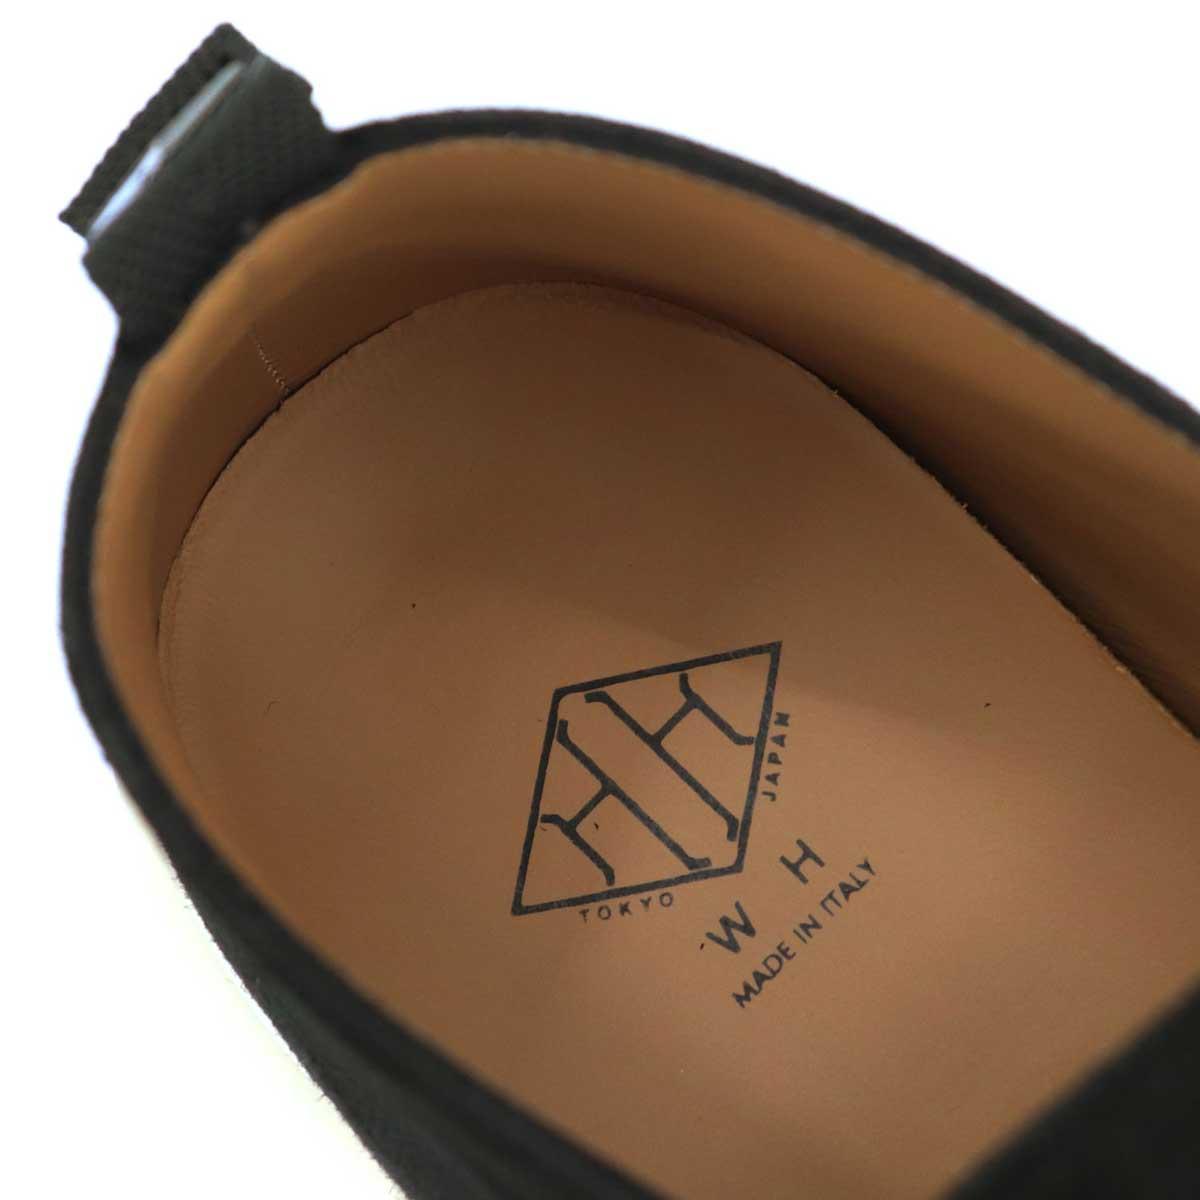 ダブルエイチ WH メンズ イタリア製 外羽根式 プレーントゥ ゴートスキン スエードシューズ ITWH-0001 BLK(ブラック)秋冬新作